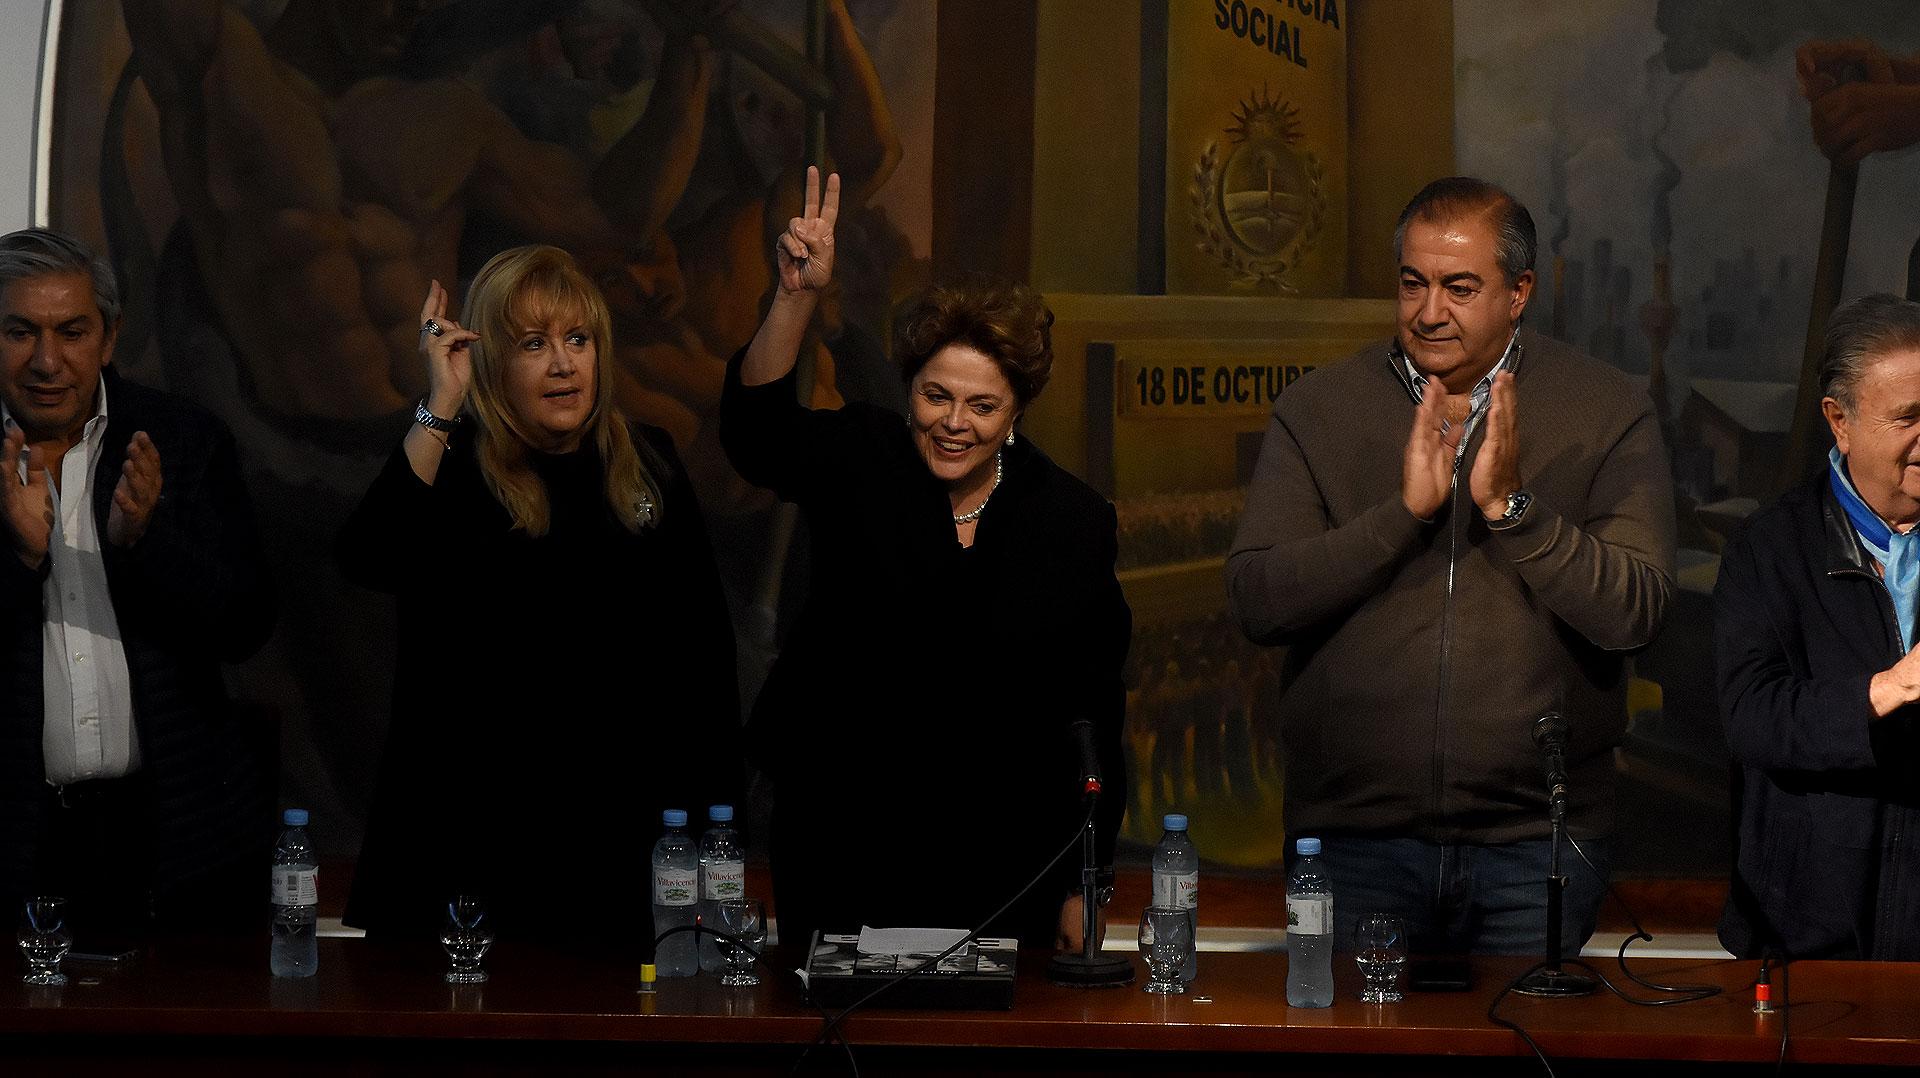 Junto a Dilma estuvieron los hermanos Daer, Eduardo Duhalde y Víctor Santa María